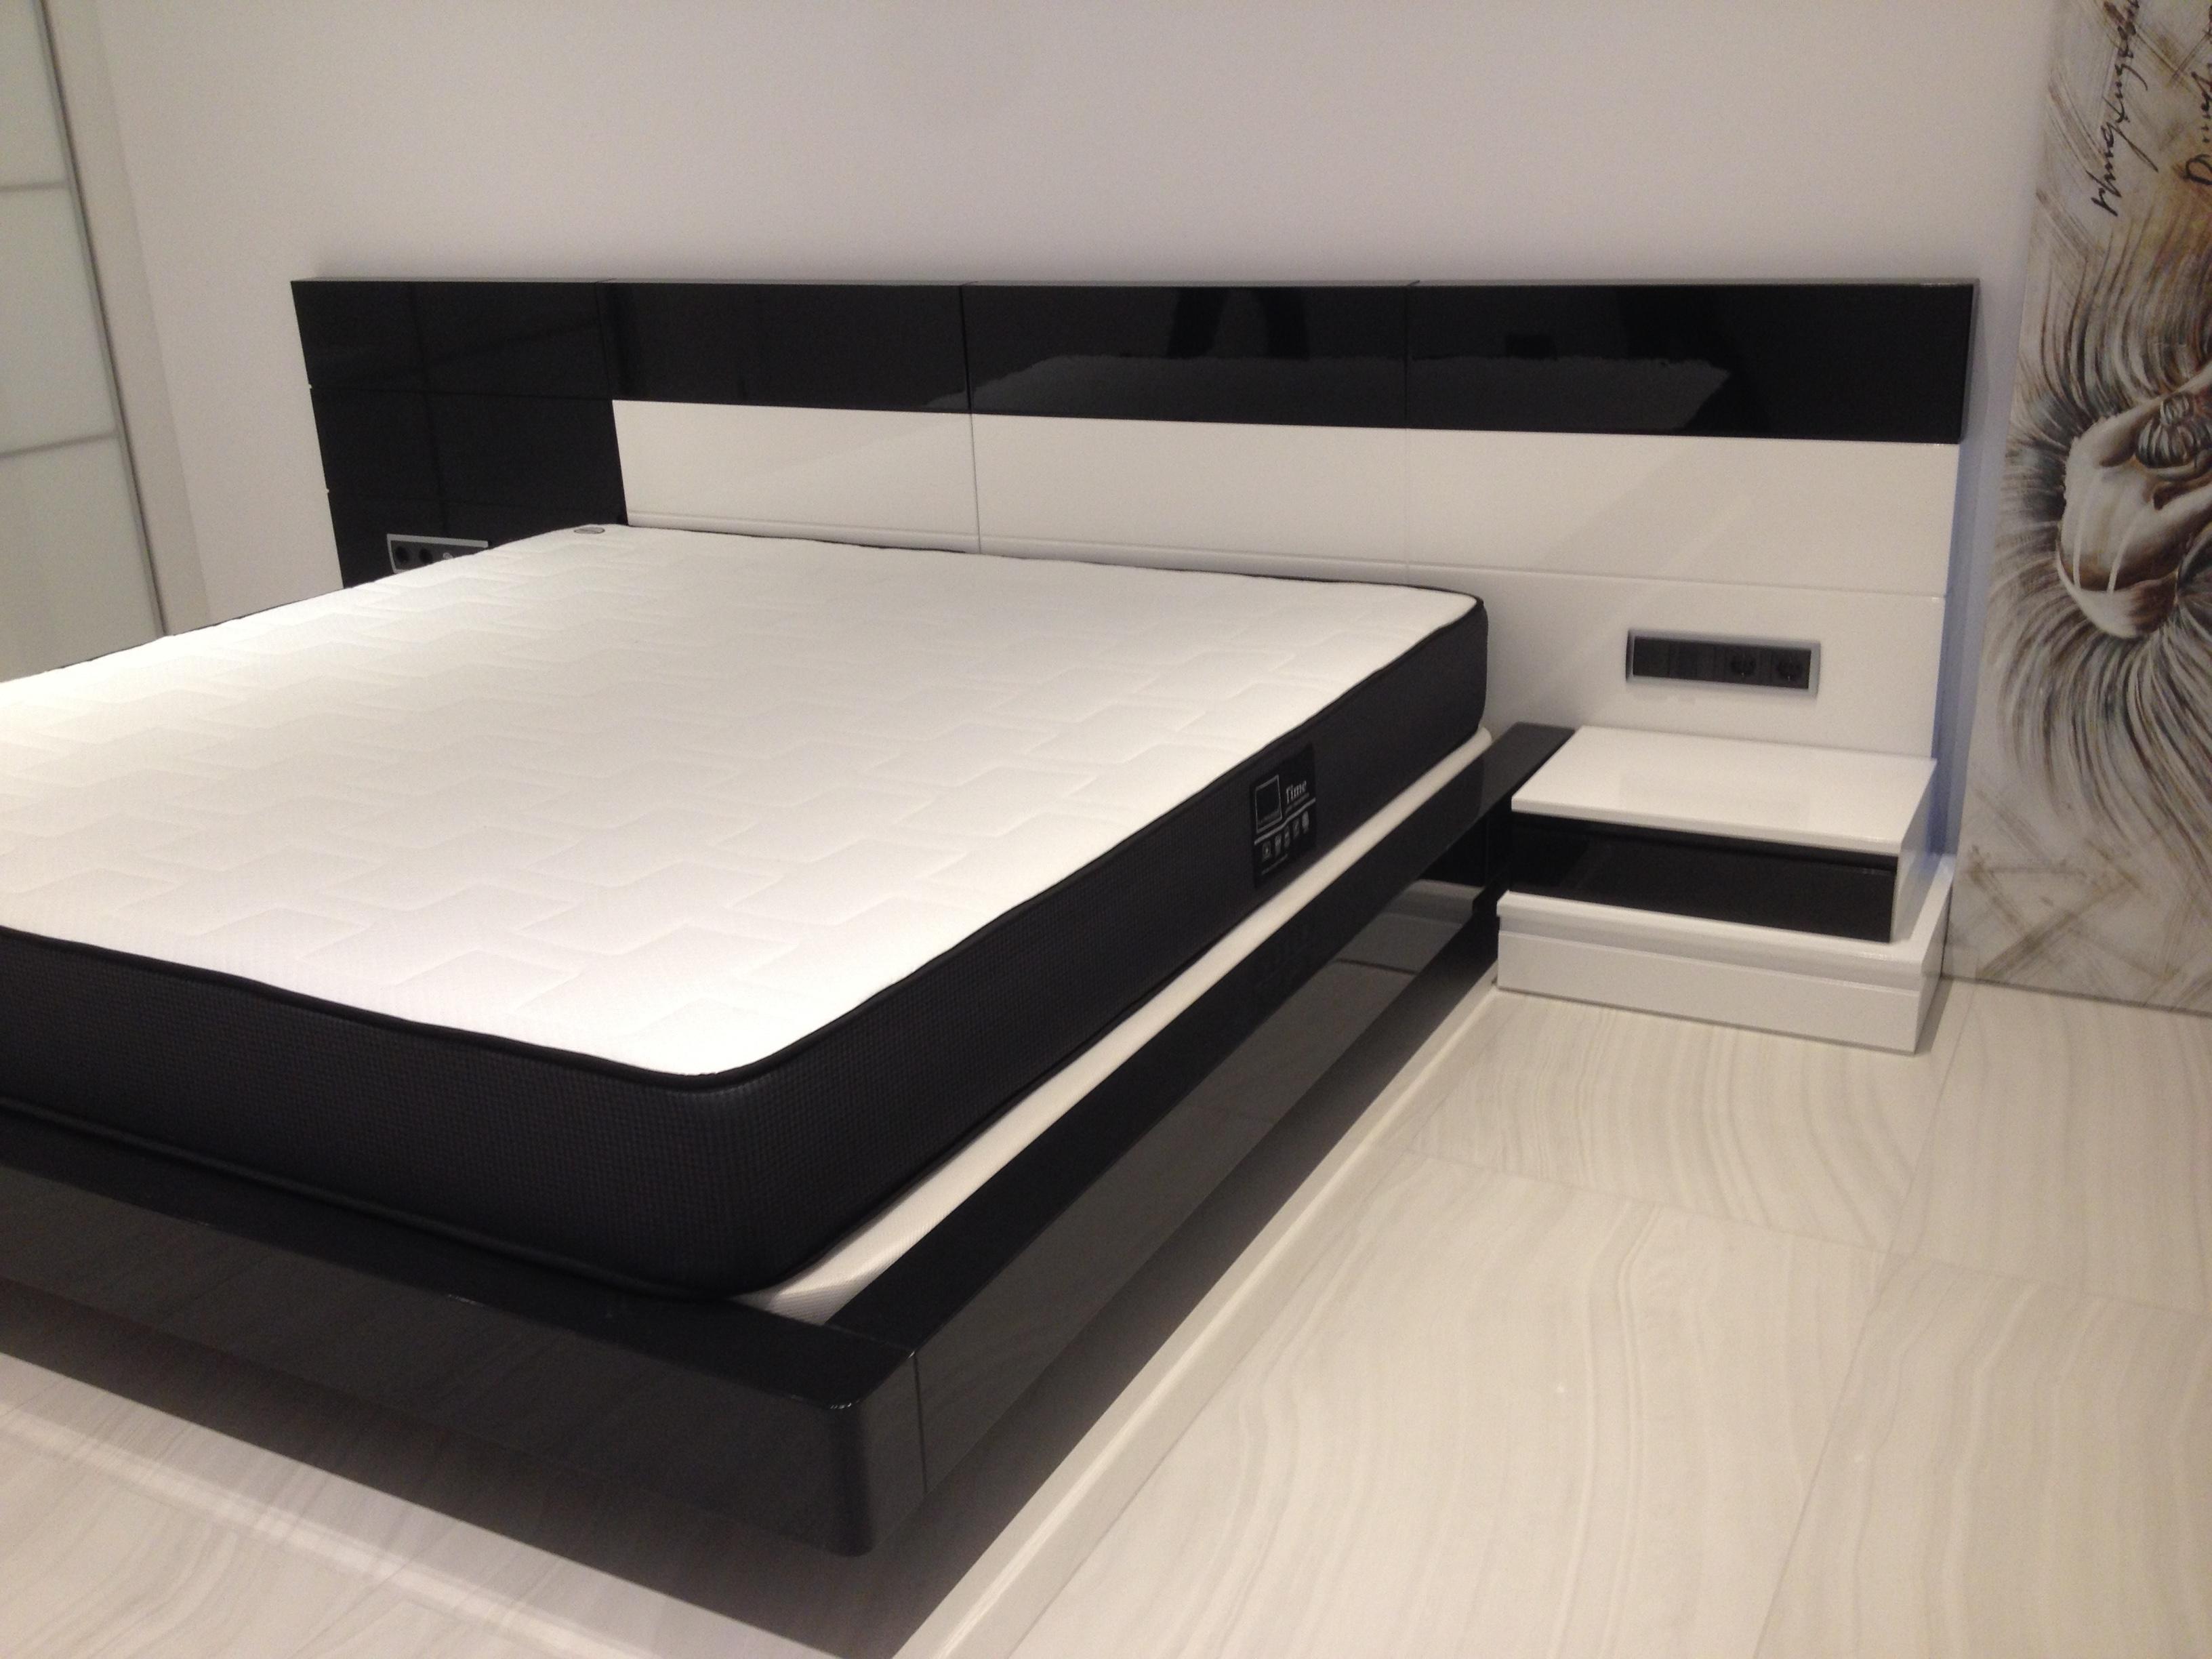 Dormitorios fabricacion fabrica muebles a medida valencia for Fabrica muebles valencia